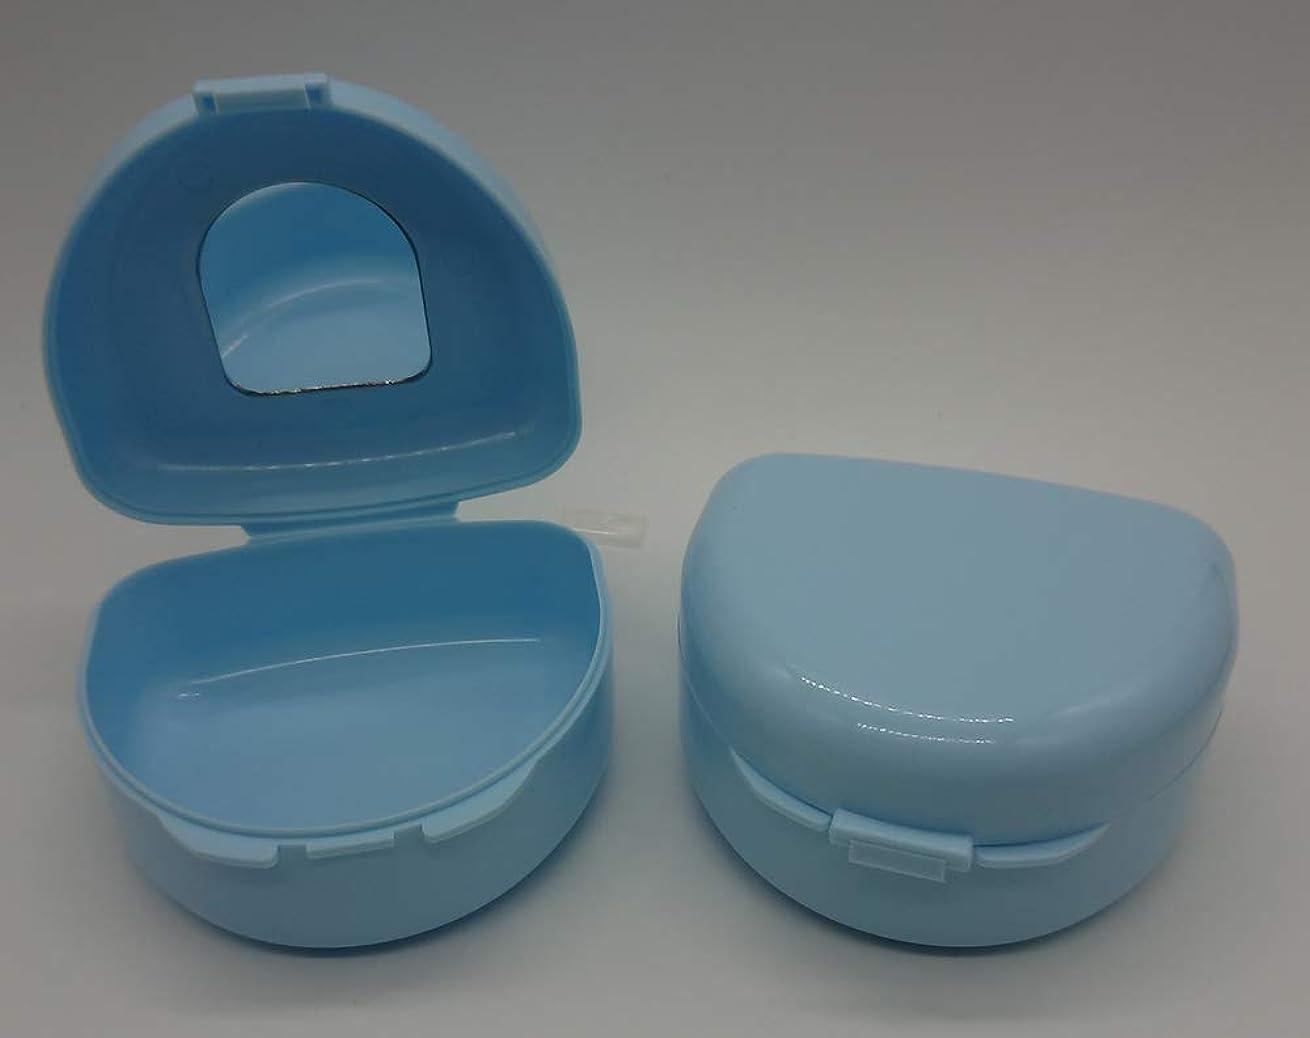 バイナリブルトロピカル鏡付き入れ歯マウスピースケース(容器) 水色